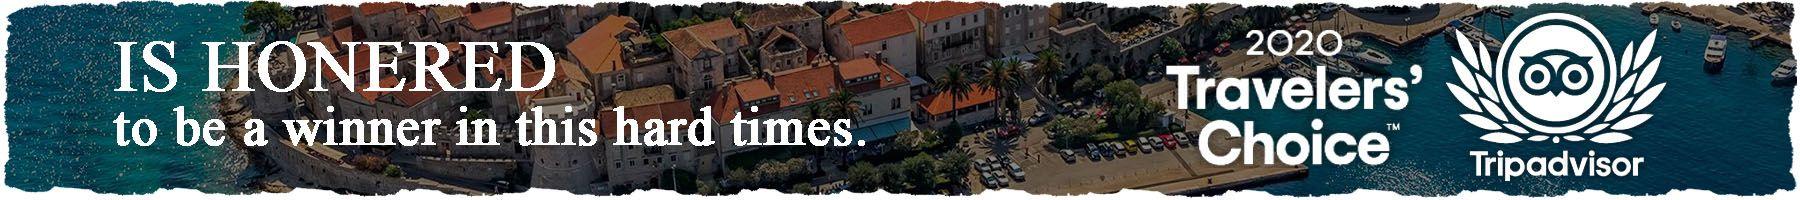 Catamaran Charter Greece Travelers Choice Award Tripadvisor